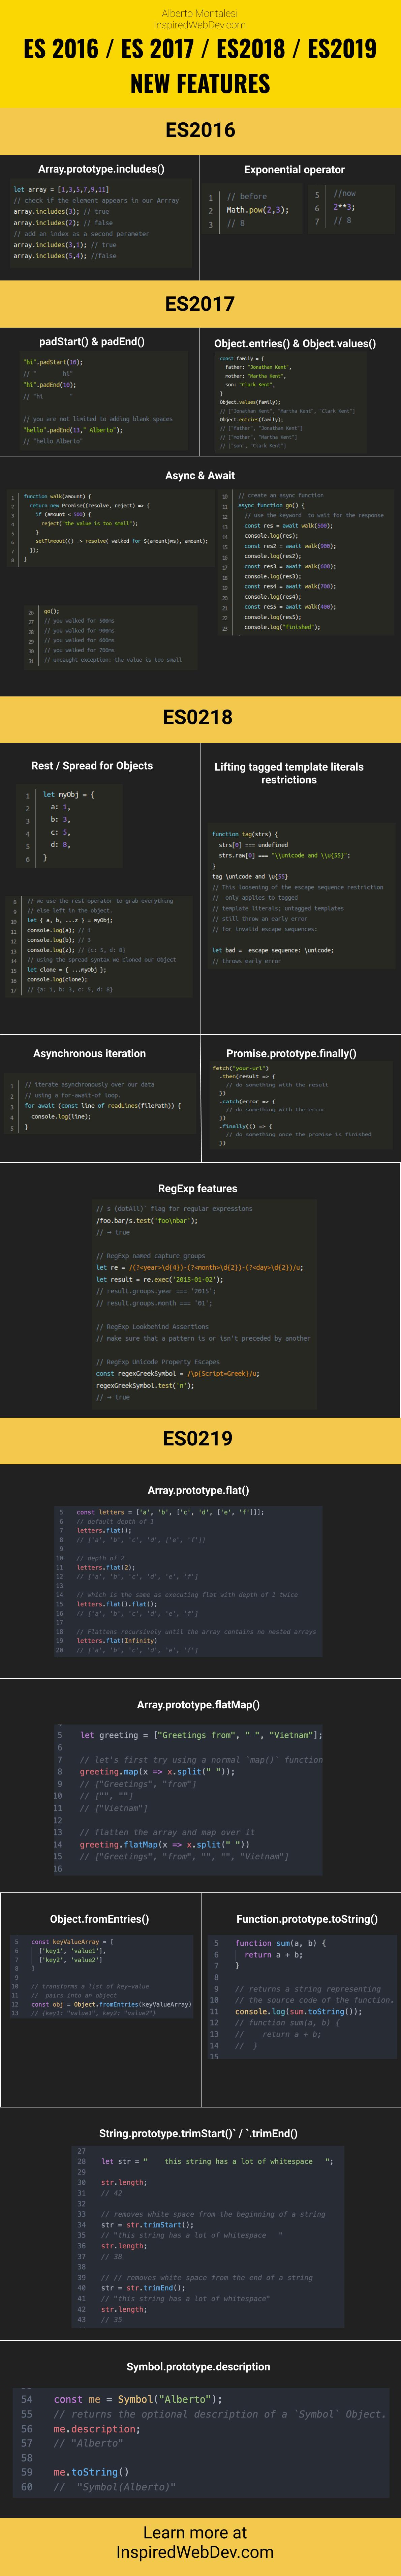 ES2016 to ES2019 Cheatsheet